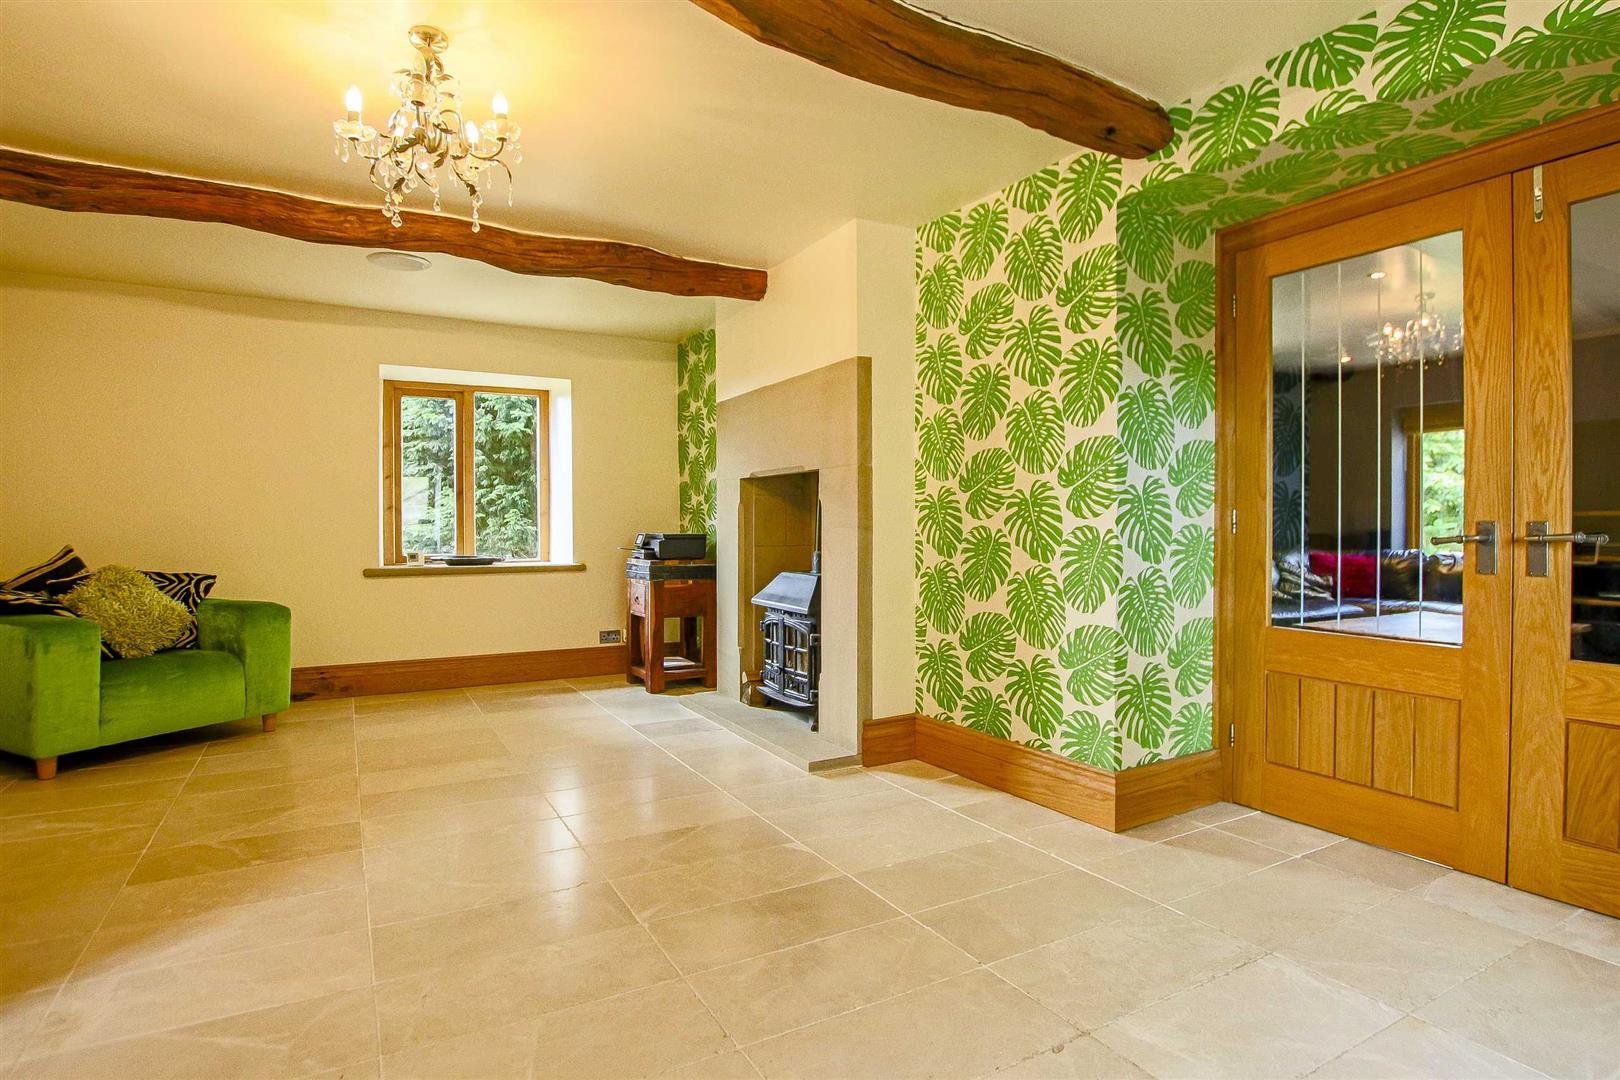 5 Bedroom Cottage For Sale - Image 4